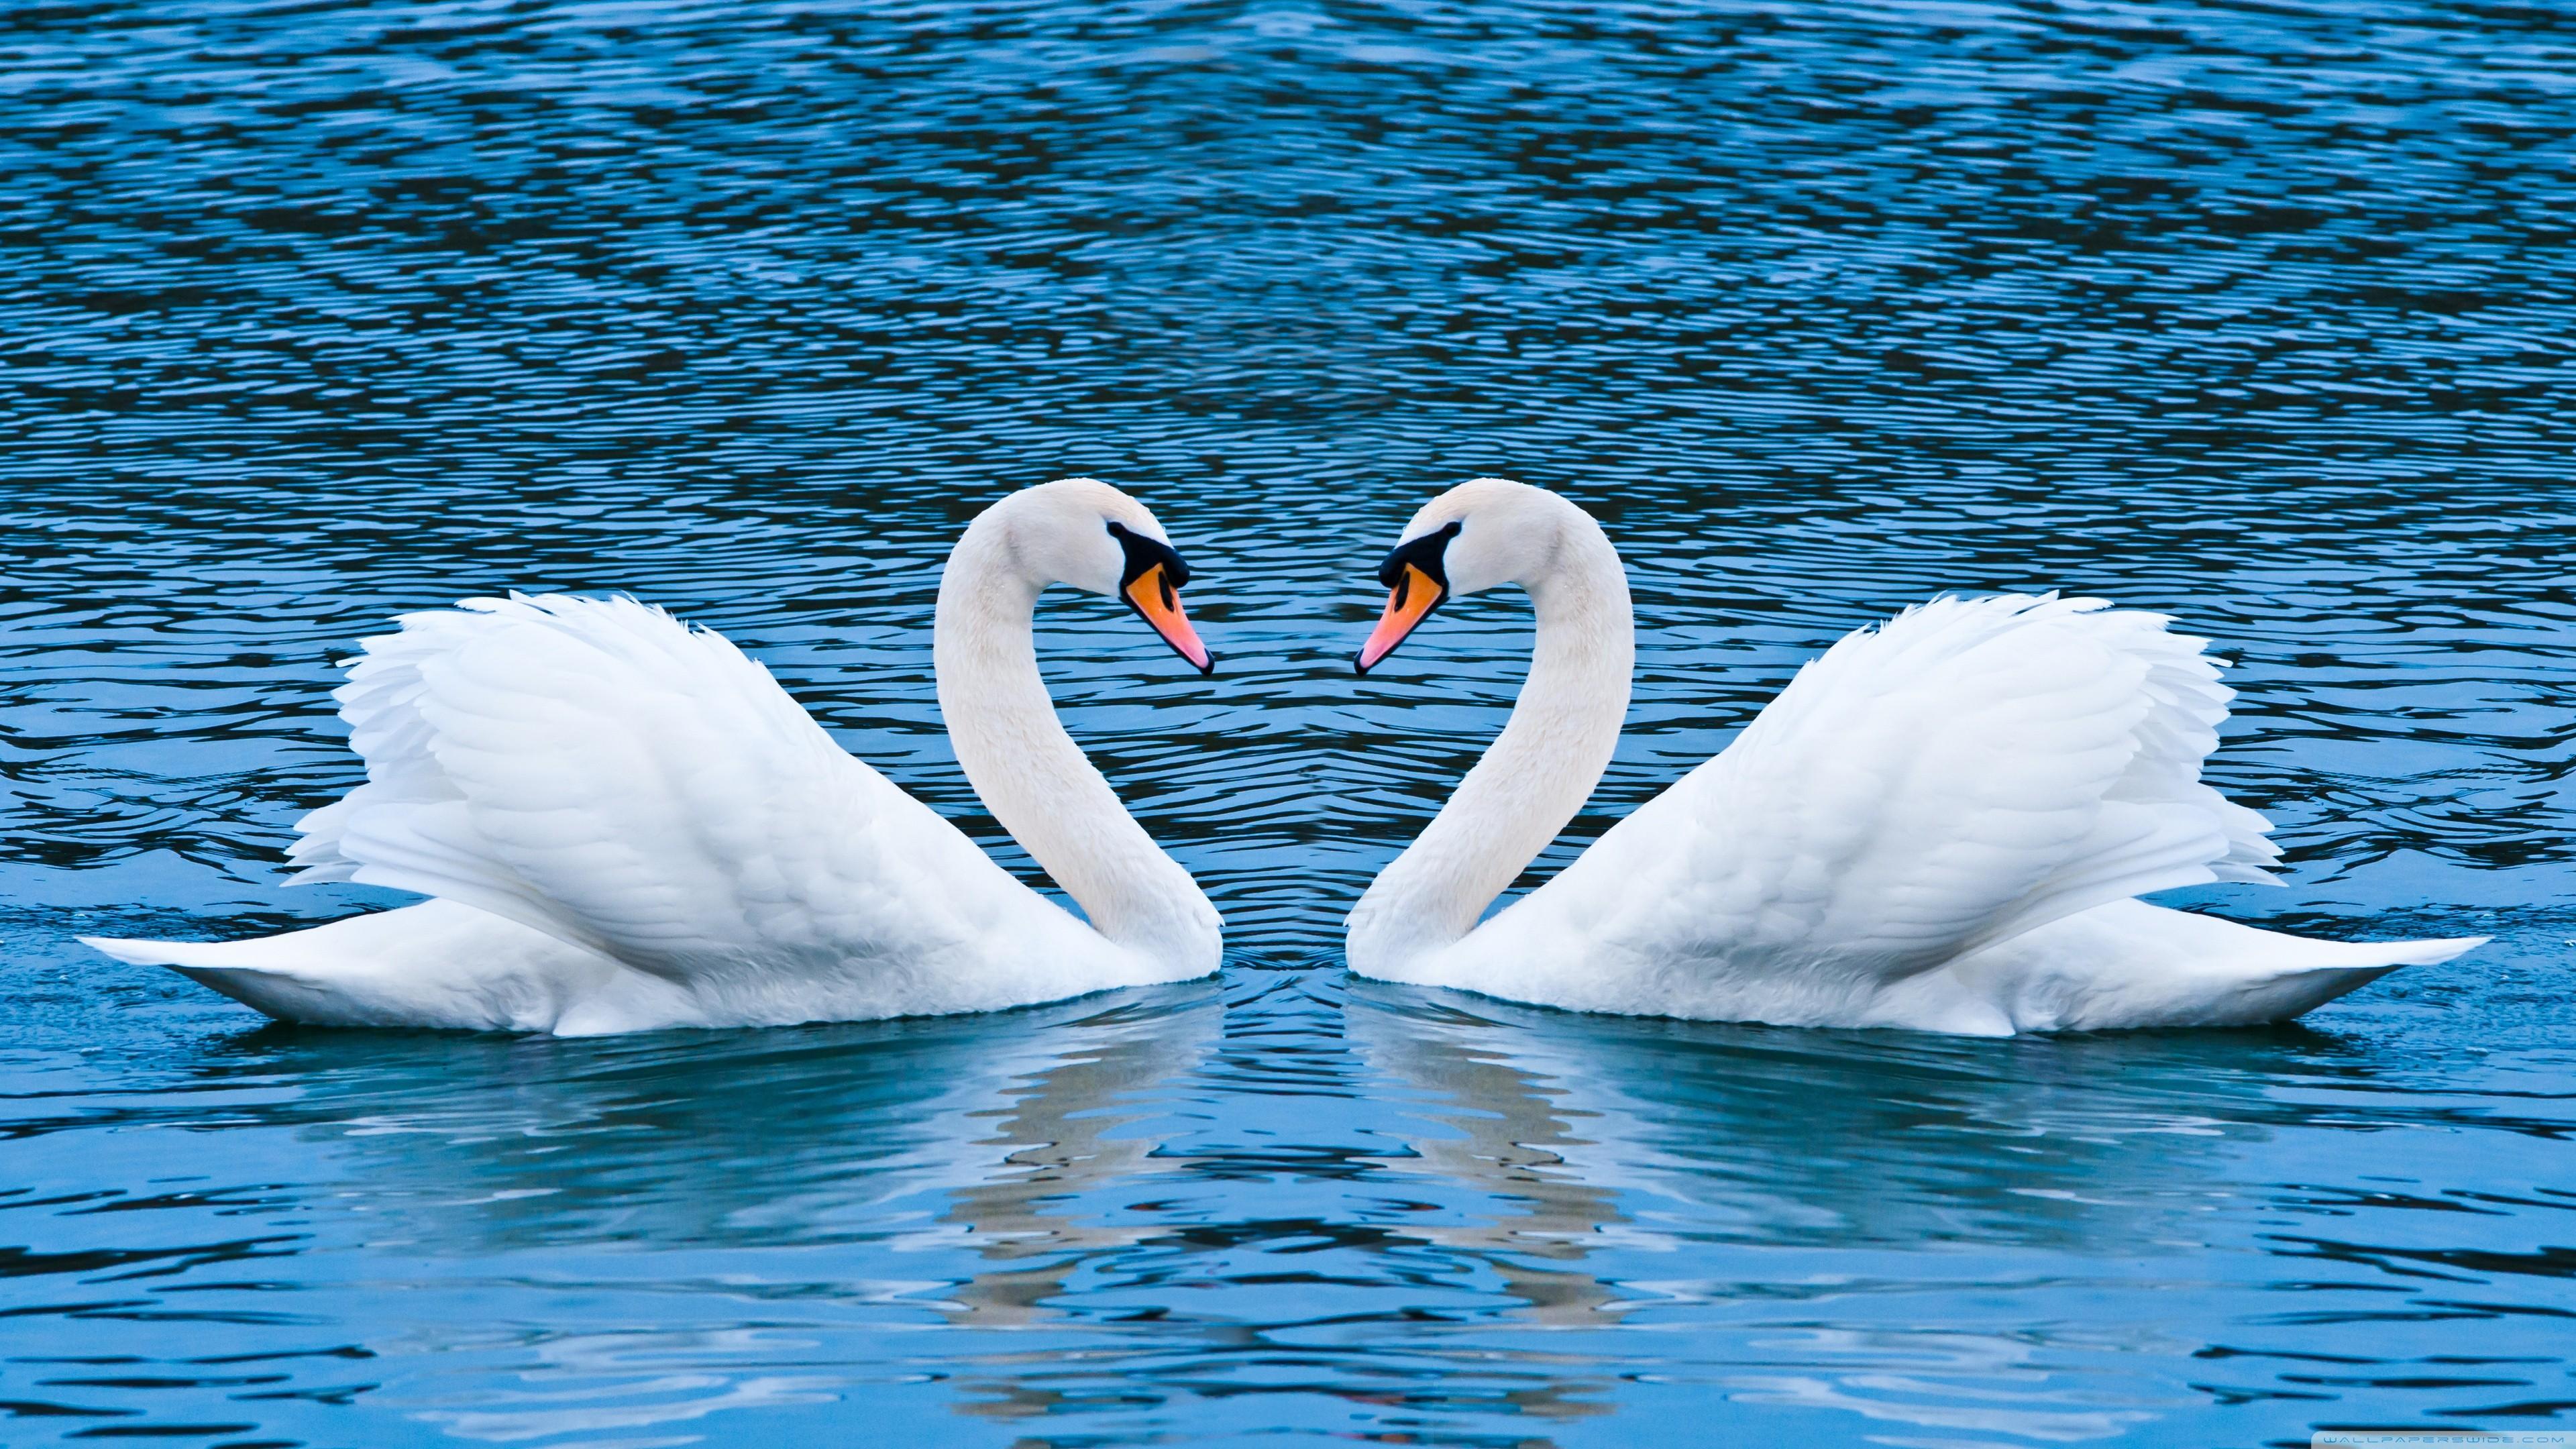 Swan Computer Wallpapers Desktop Backgrounds 3840x2160 ID464227 3840x2160